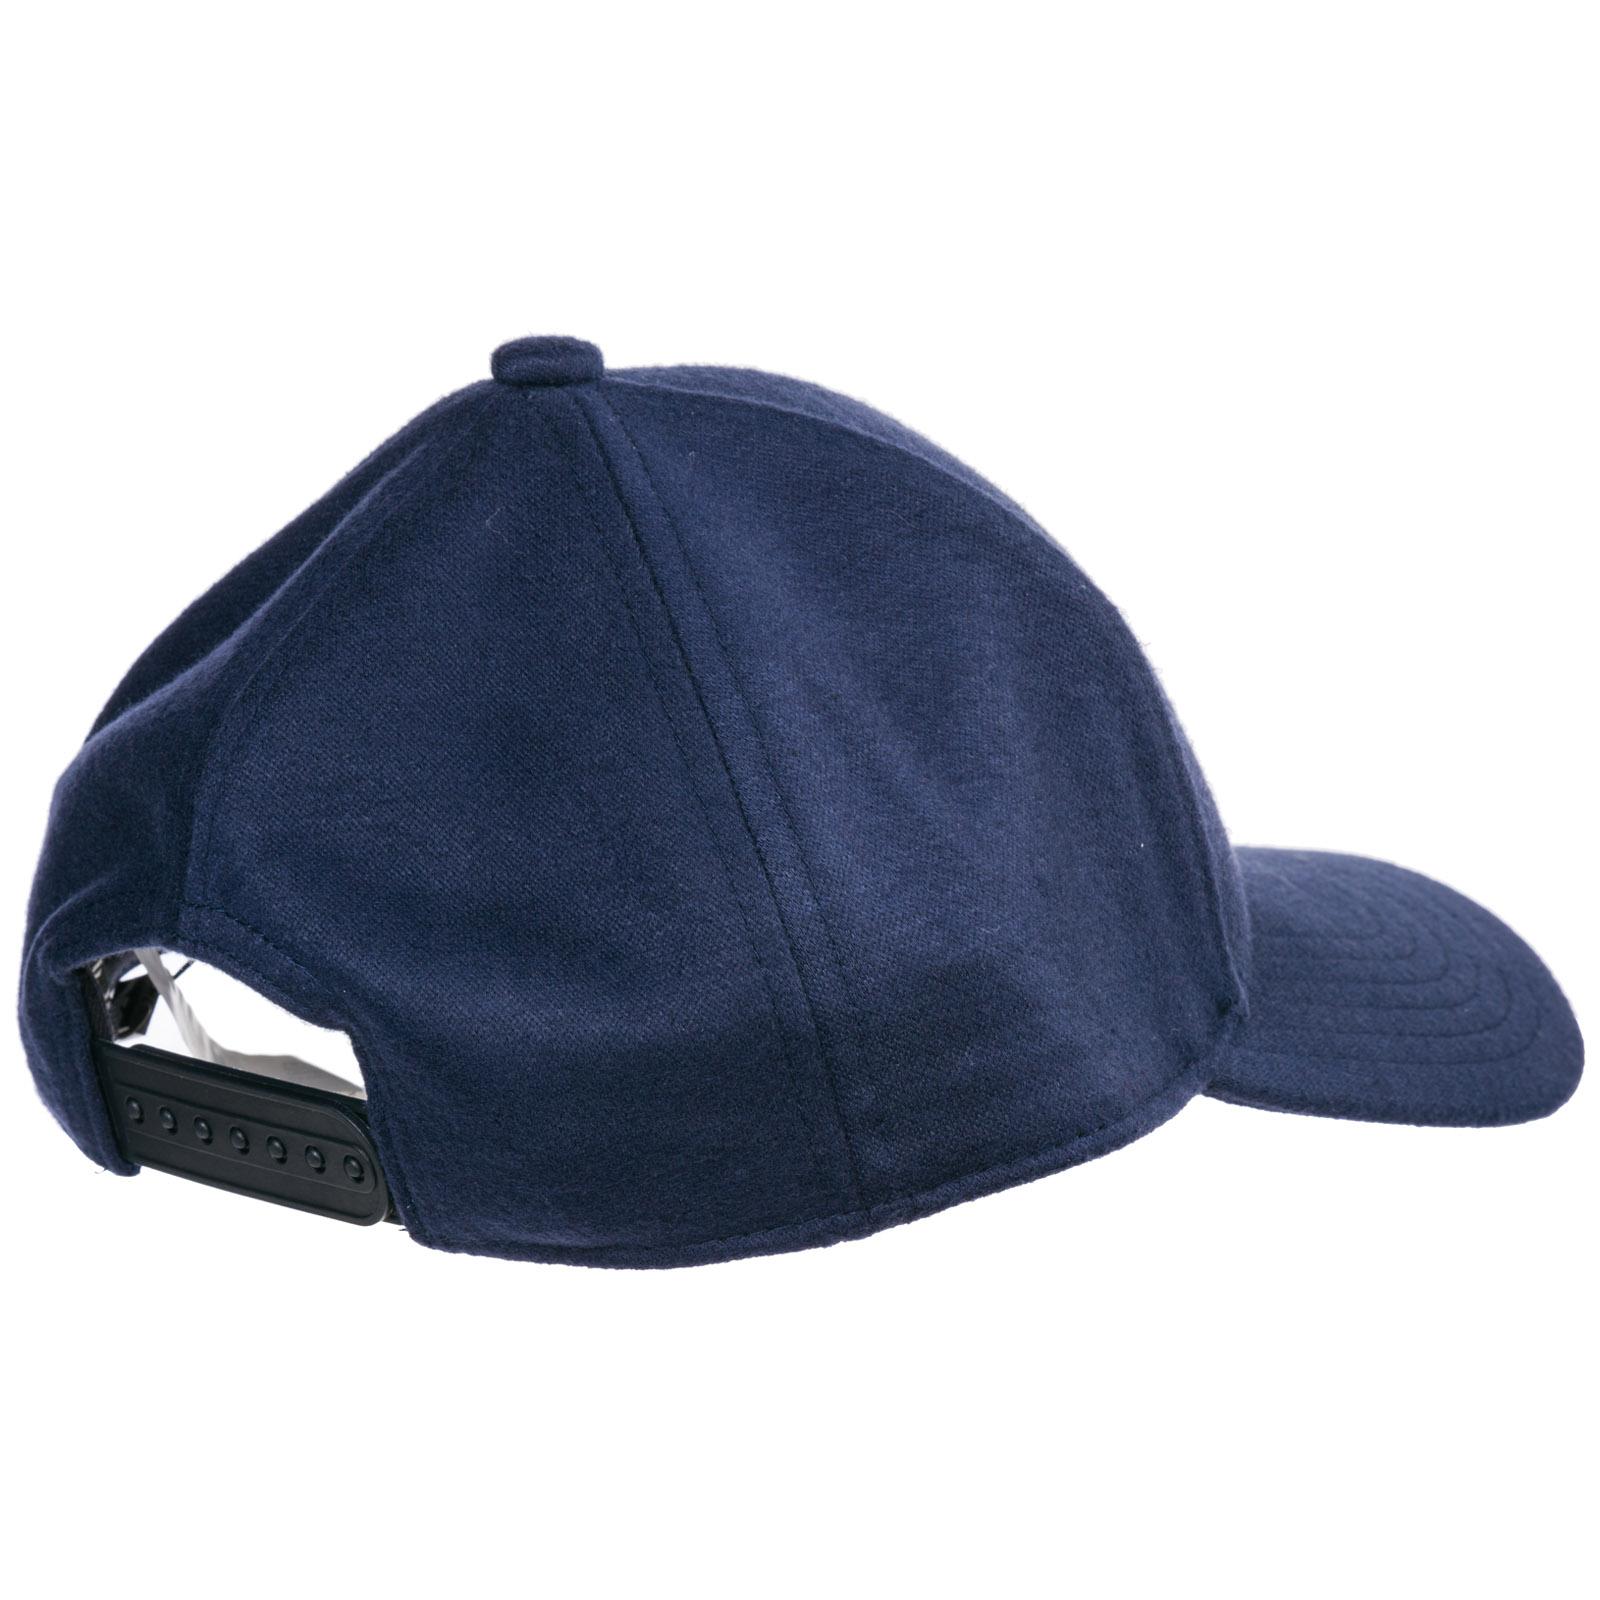 3631dbadd00 Cappello baseball Emporio Armani EA7 2758899A50302836 dark blue ...